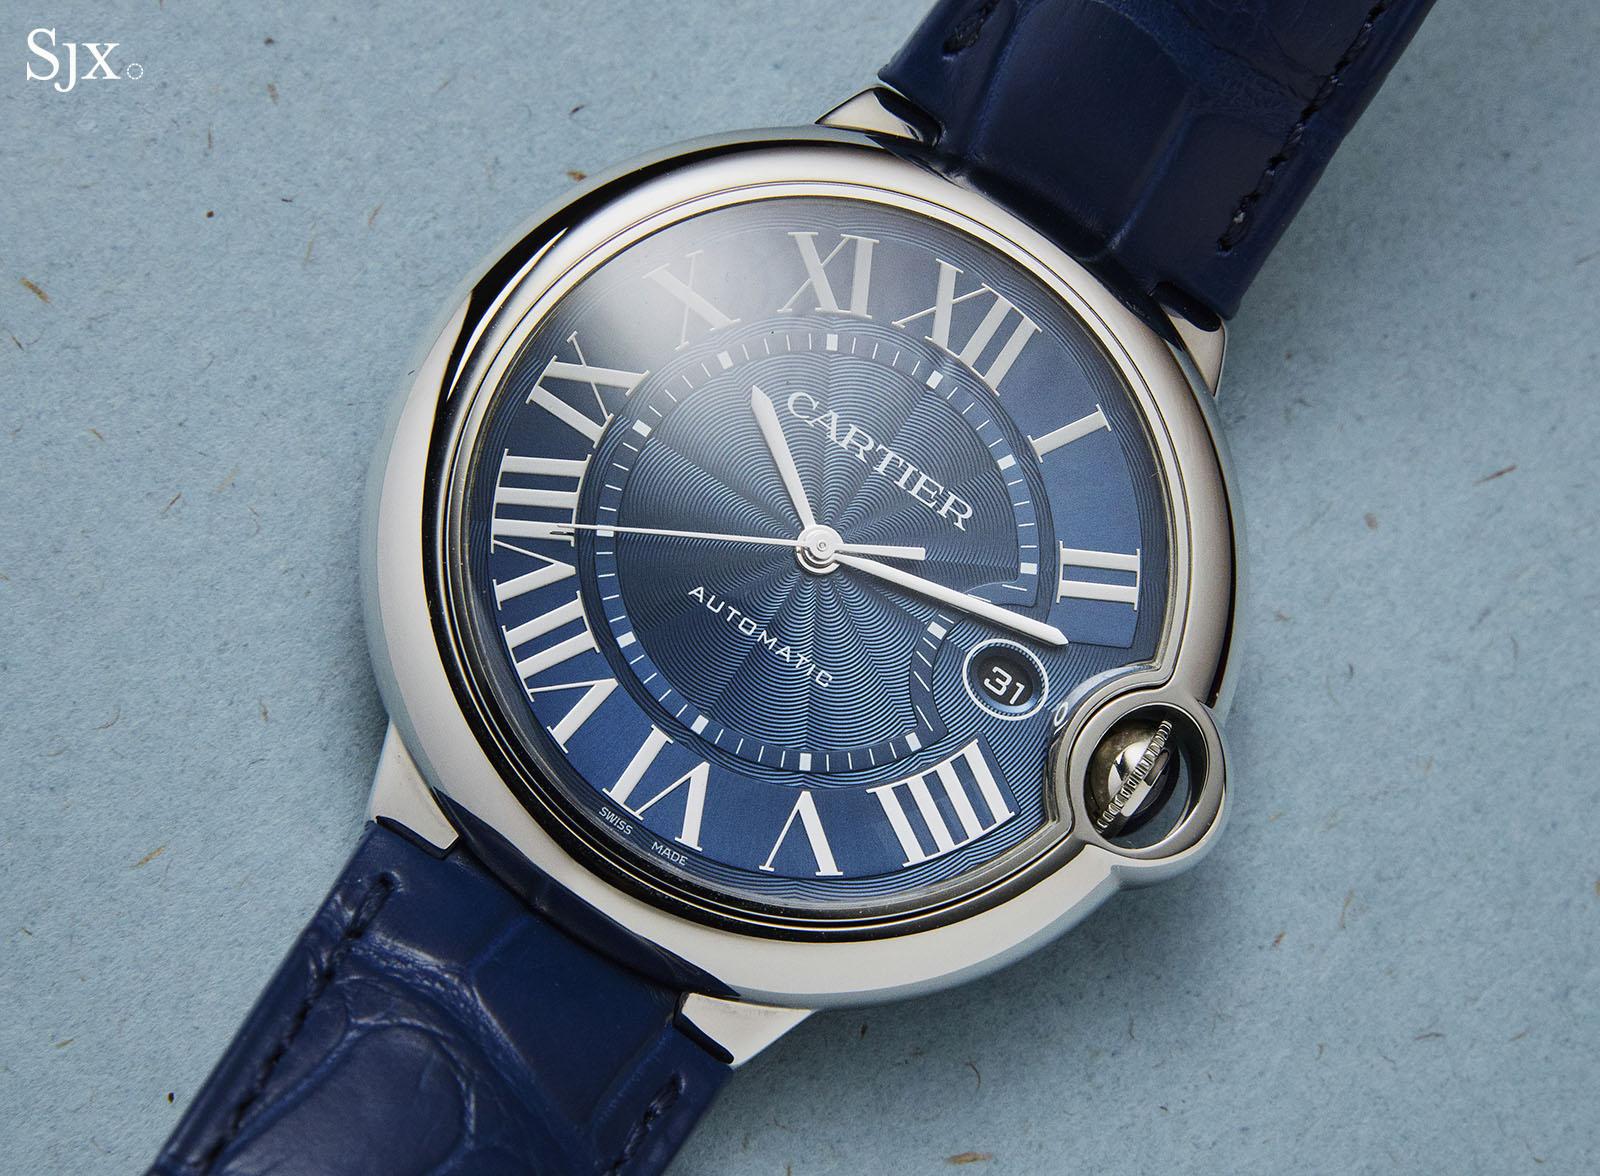 Cartier Ballon Bleu Blue Dial Automatic